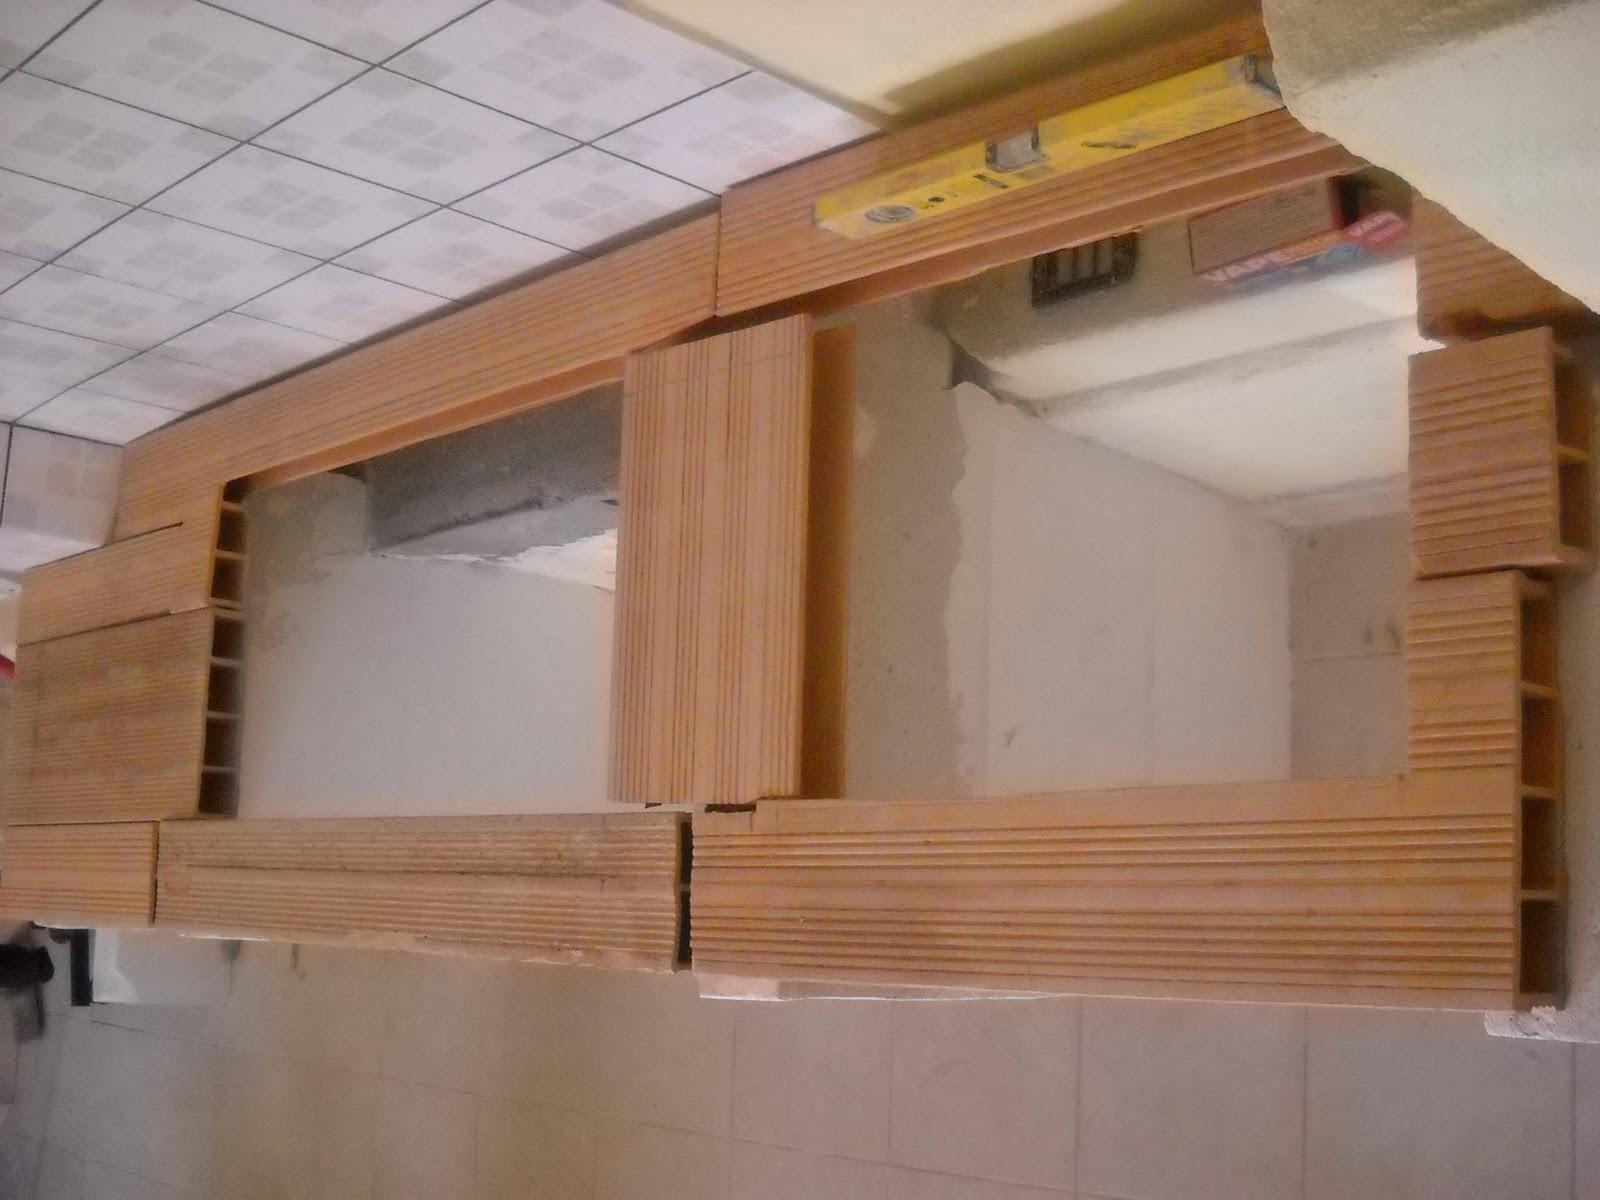 Mie Soluzioni: Cucina in muratura